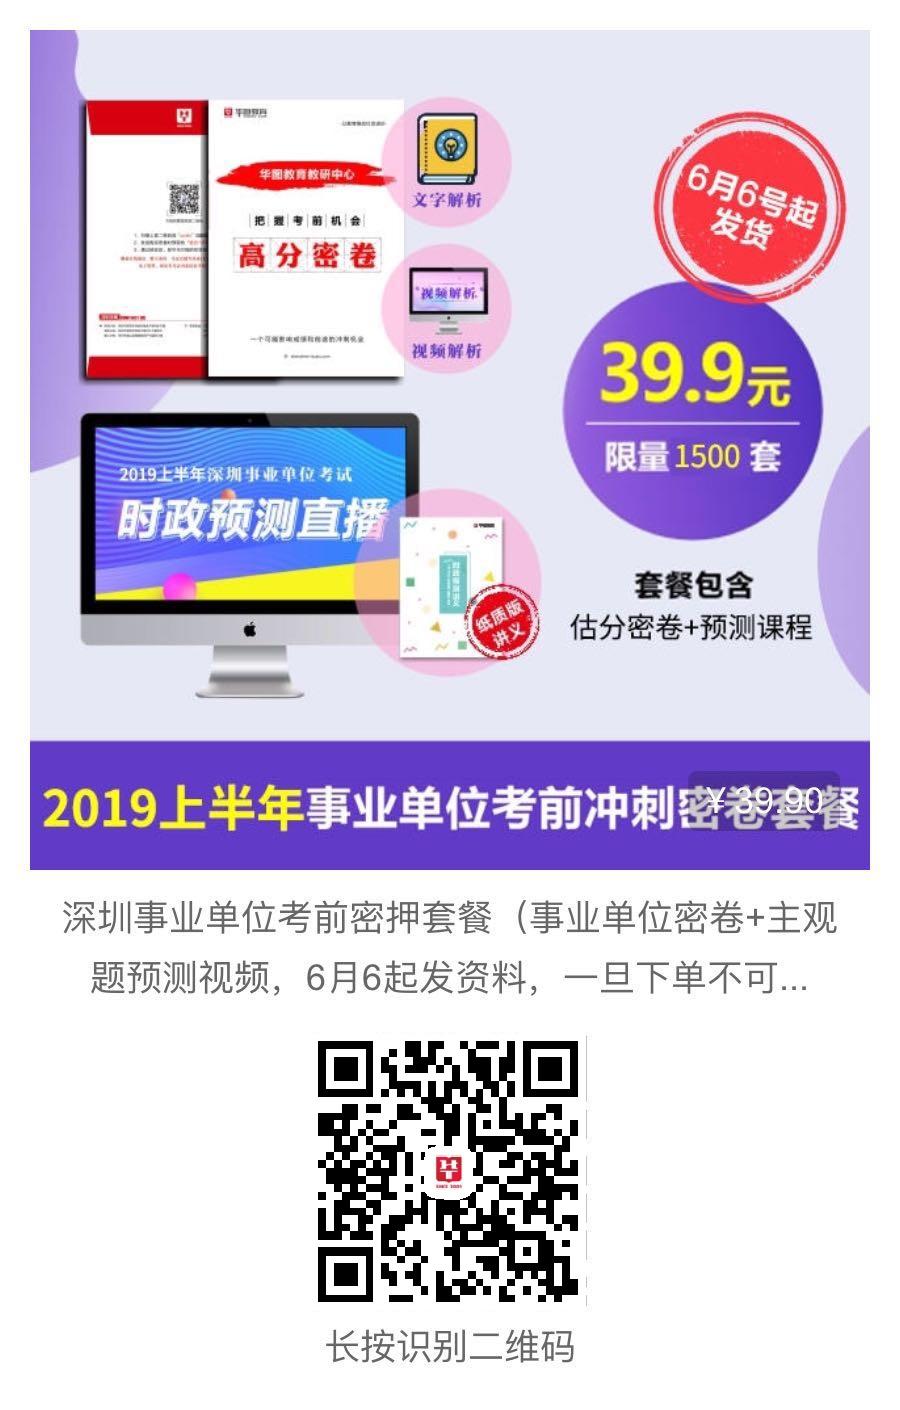 2019深圳事业单位统招考前密押套餐